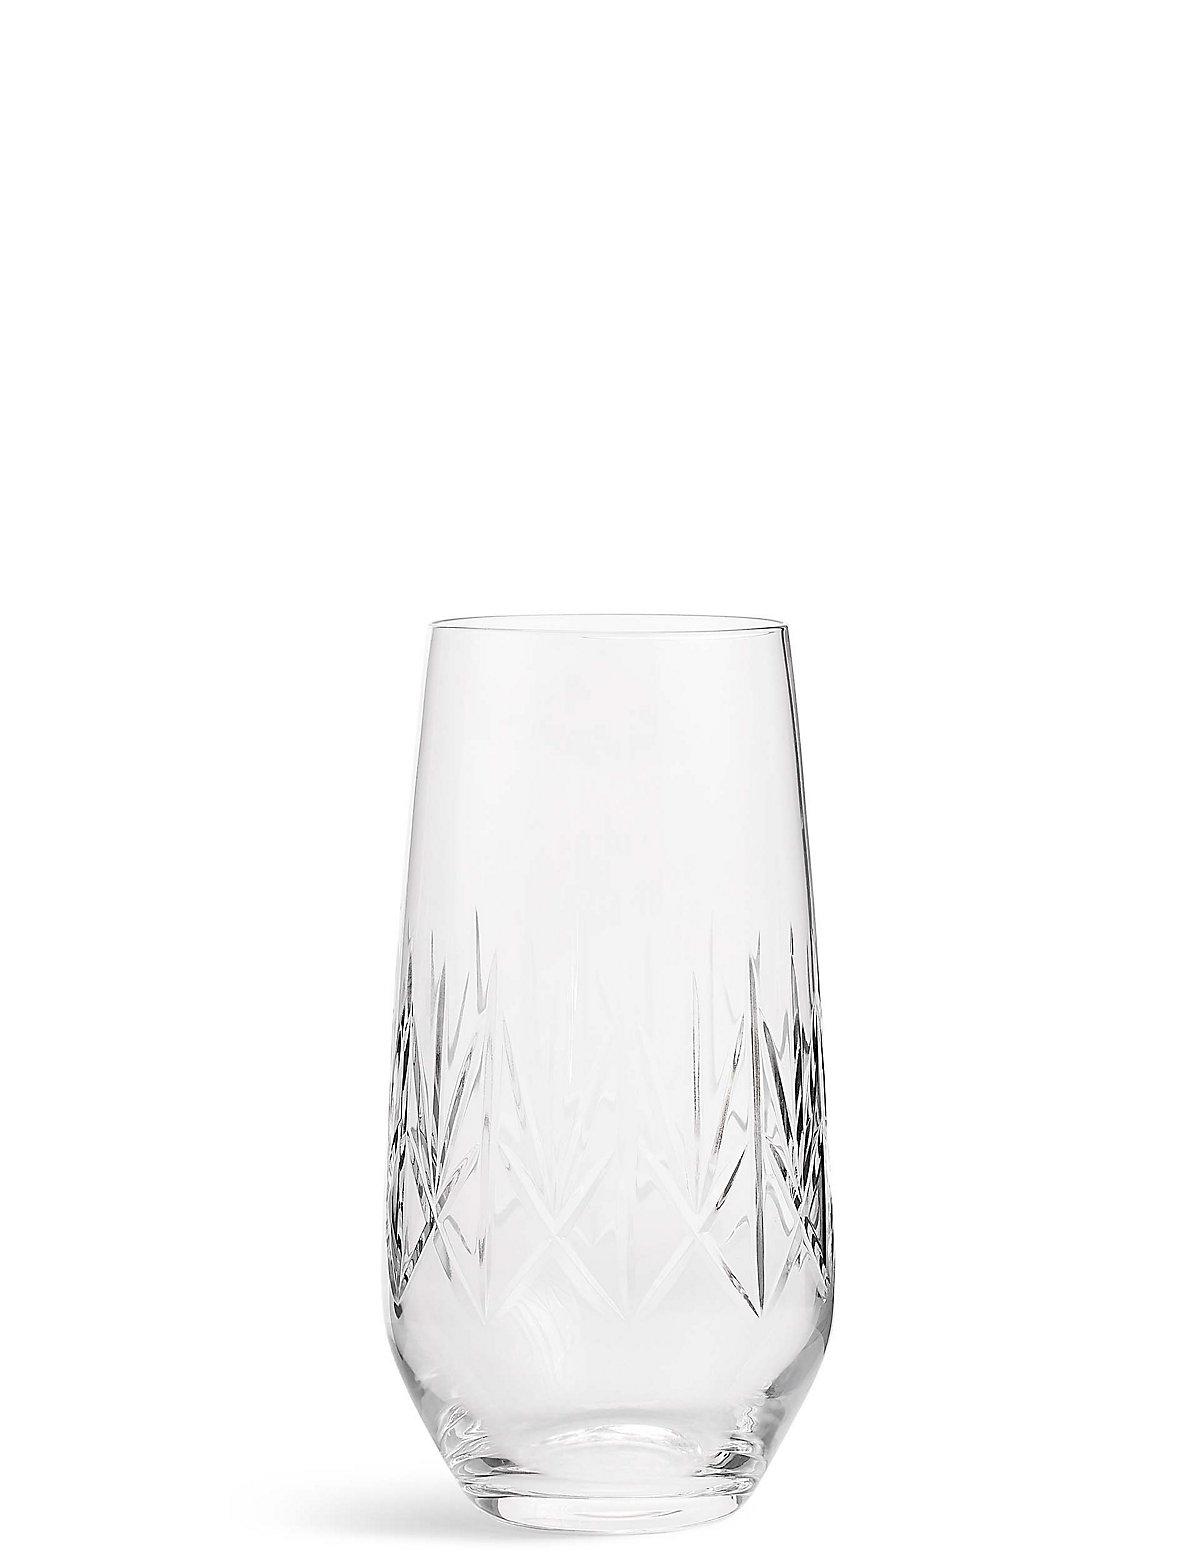 Nouveau 2 Pack Hi Ball Glasses